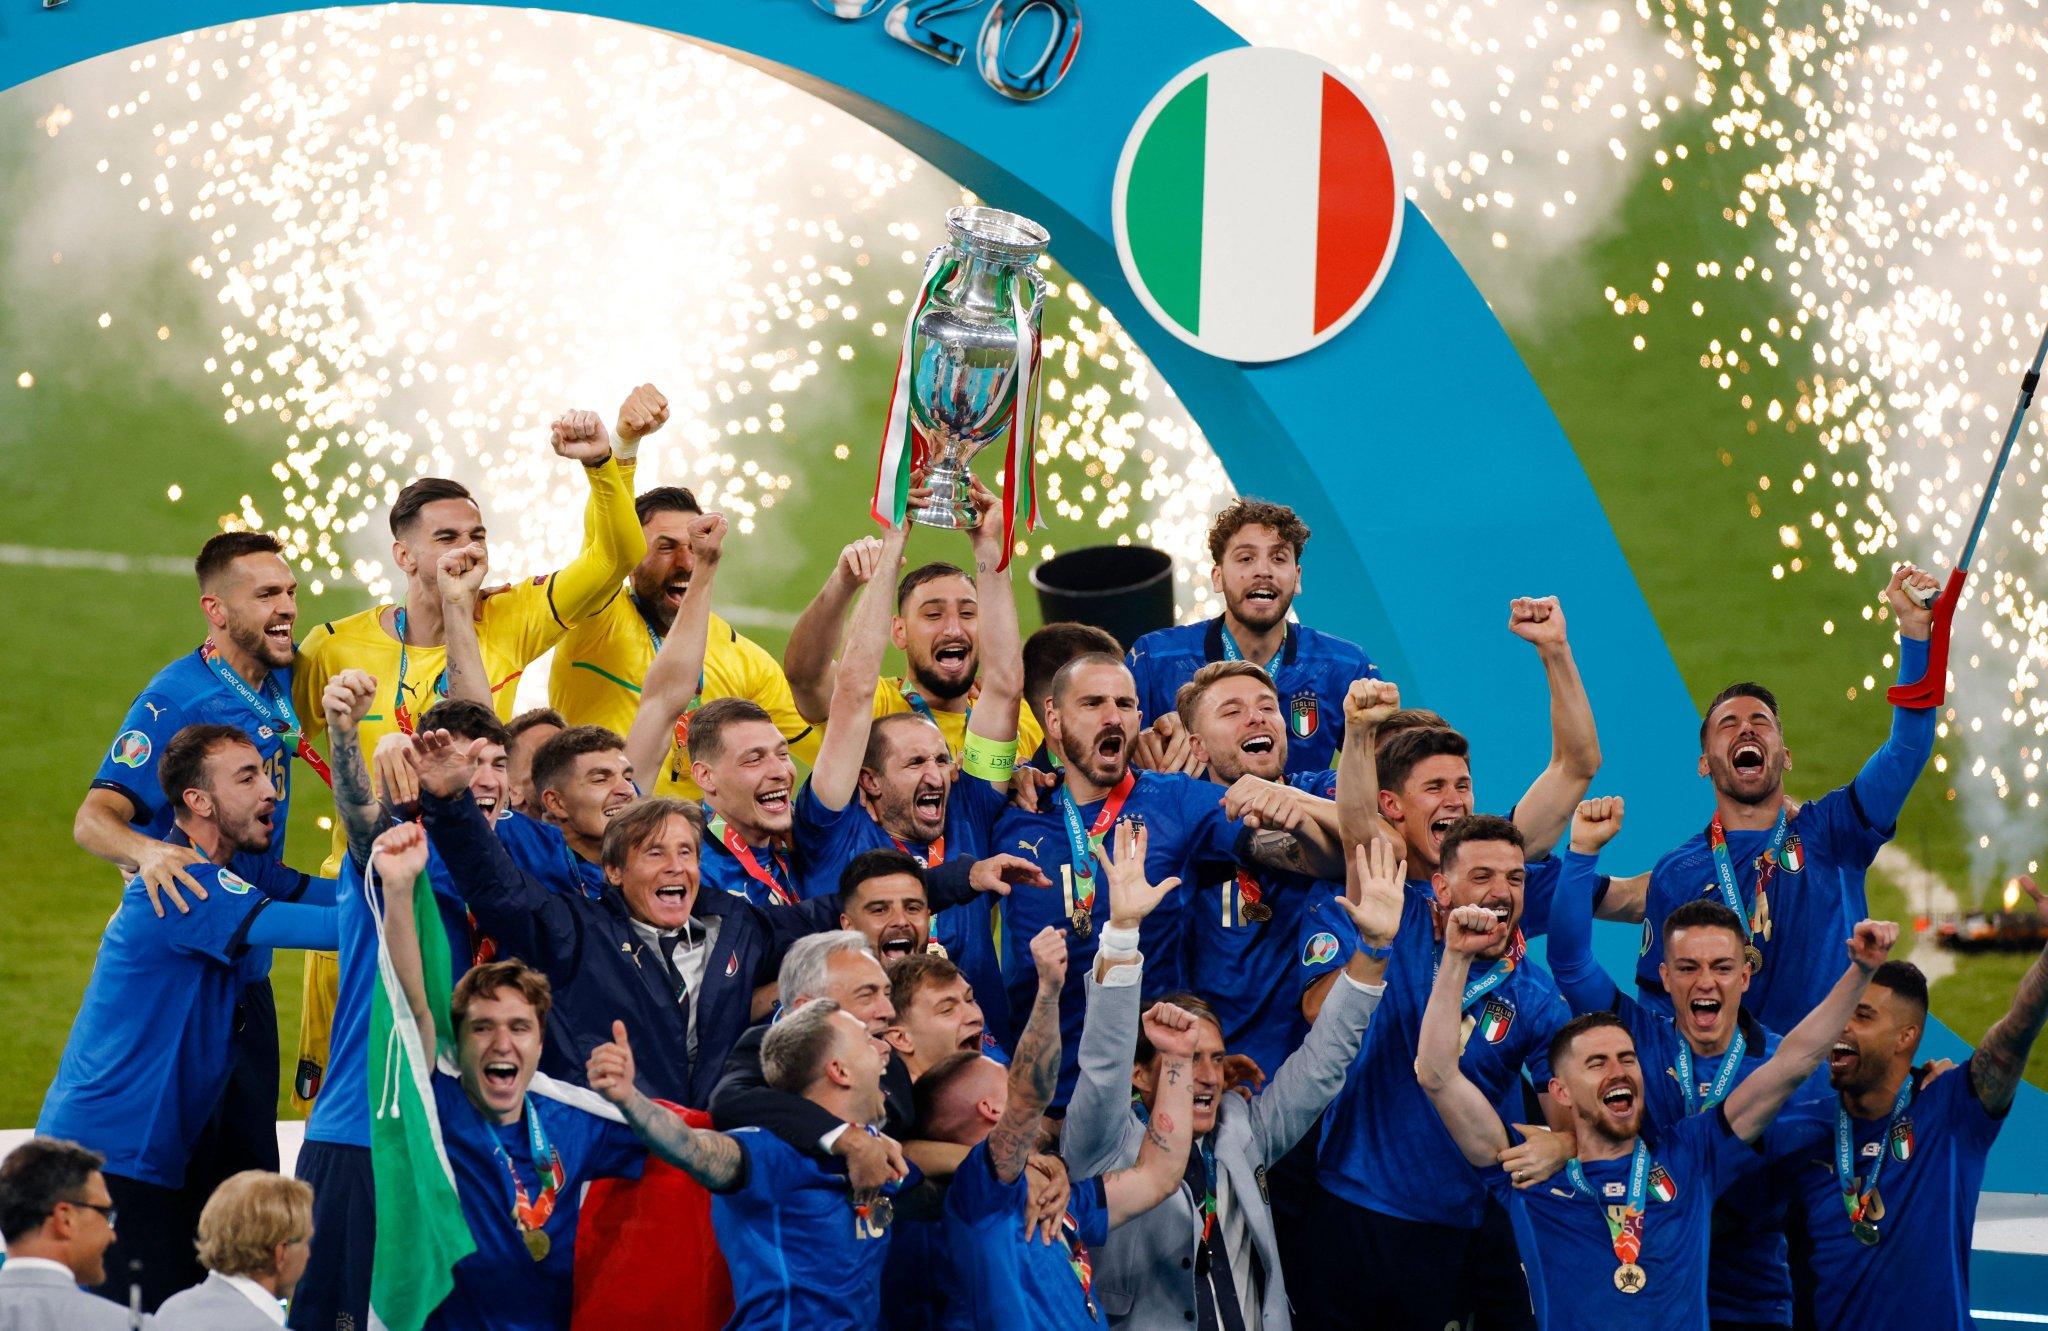 How many times has Italy won the Euros?